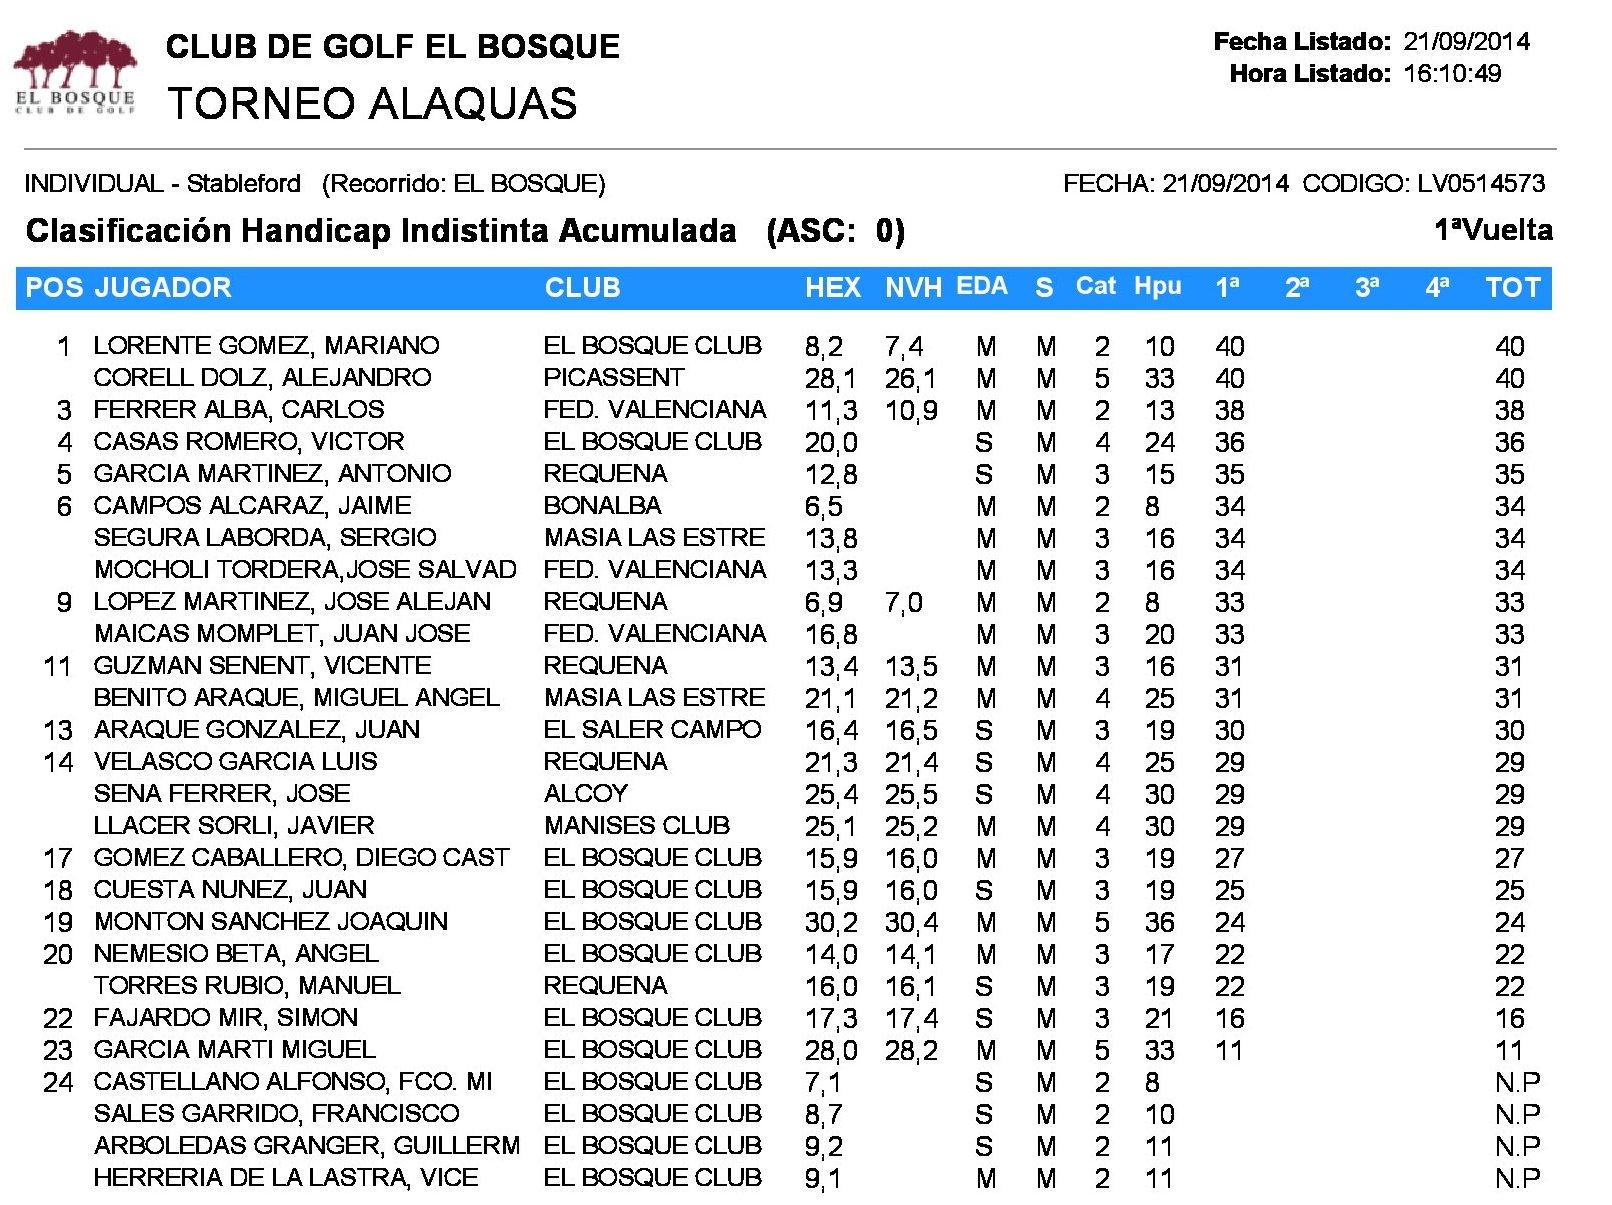 clasificacion IX torneo 2014